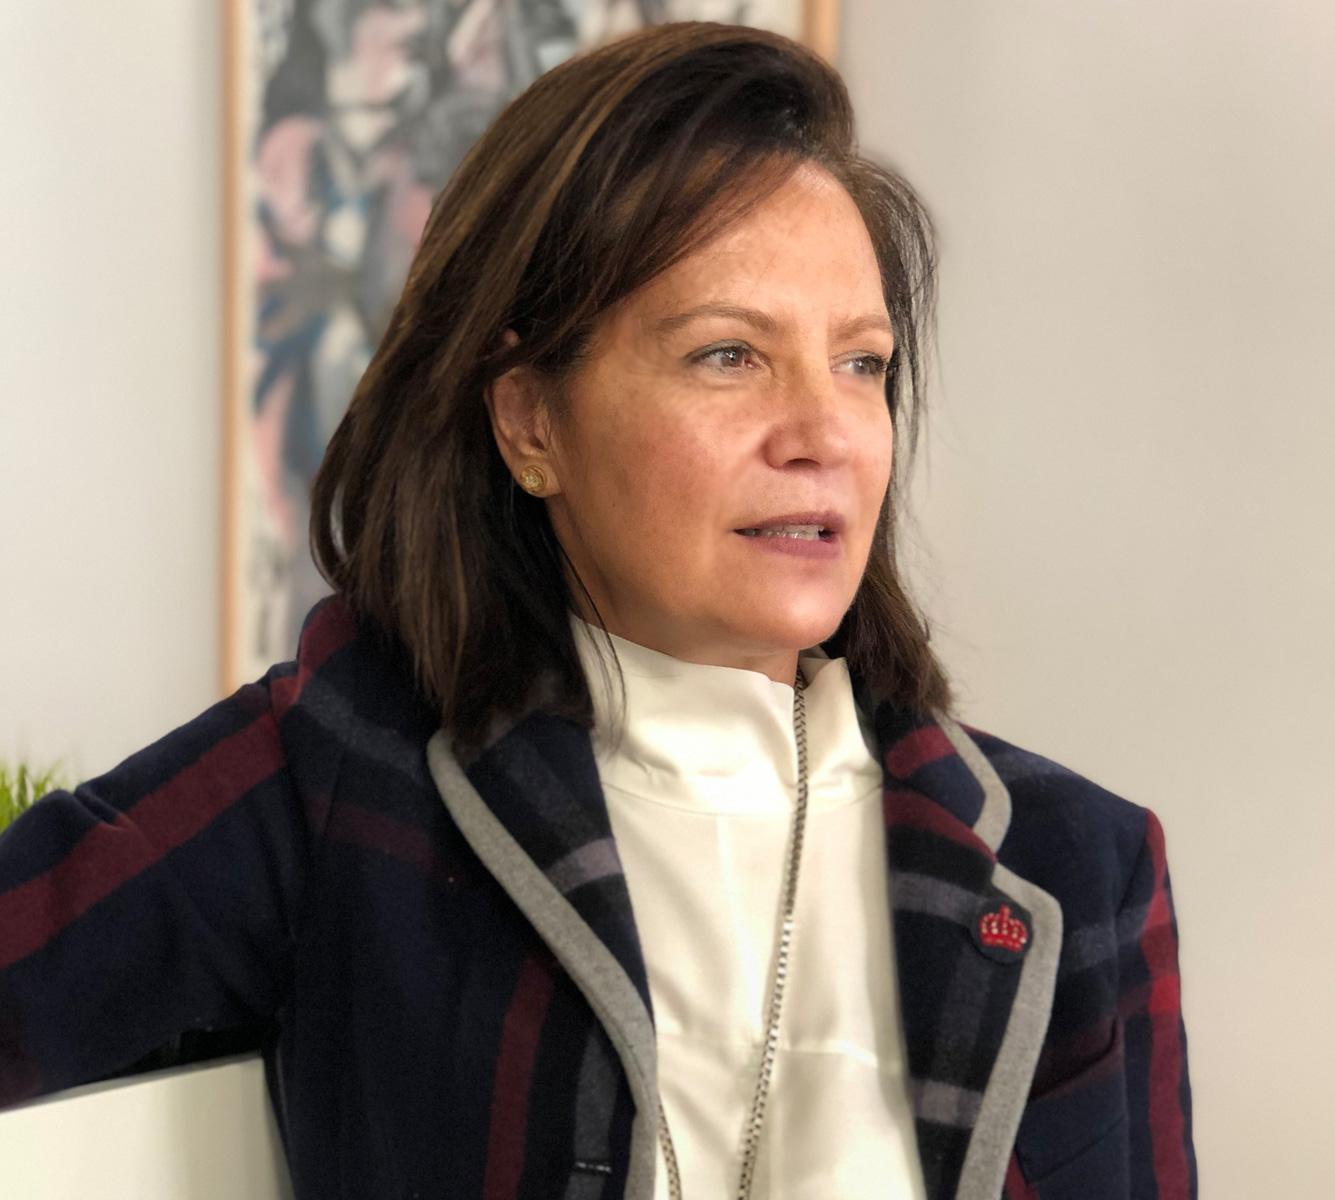 María Ángeles Lázaro Díaz